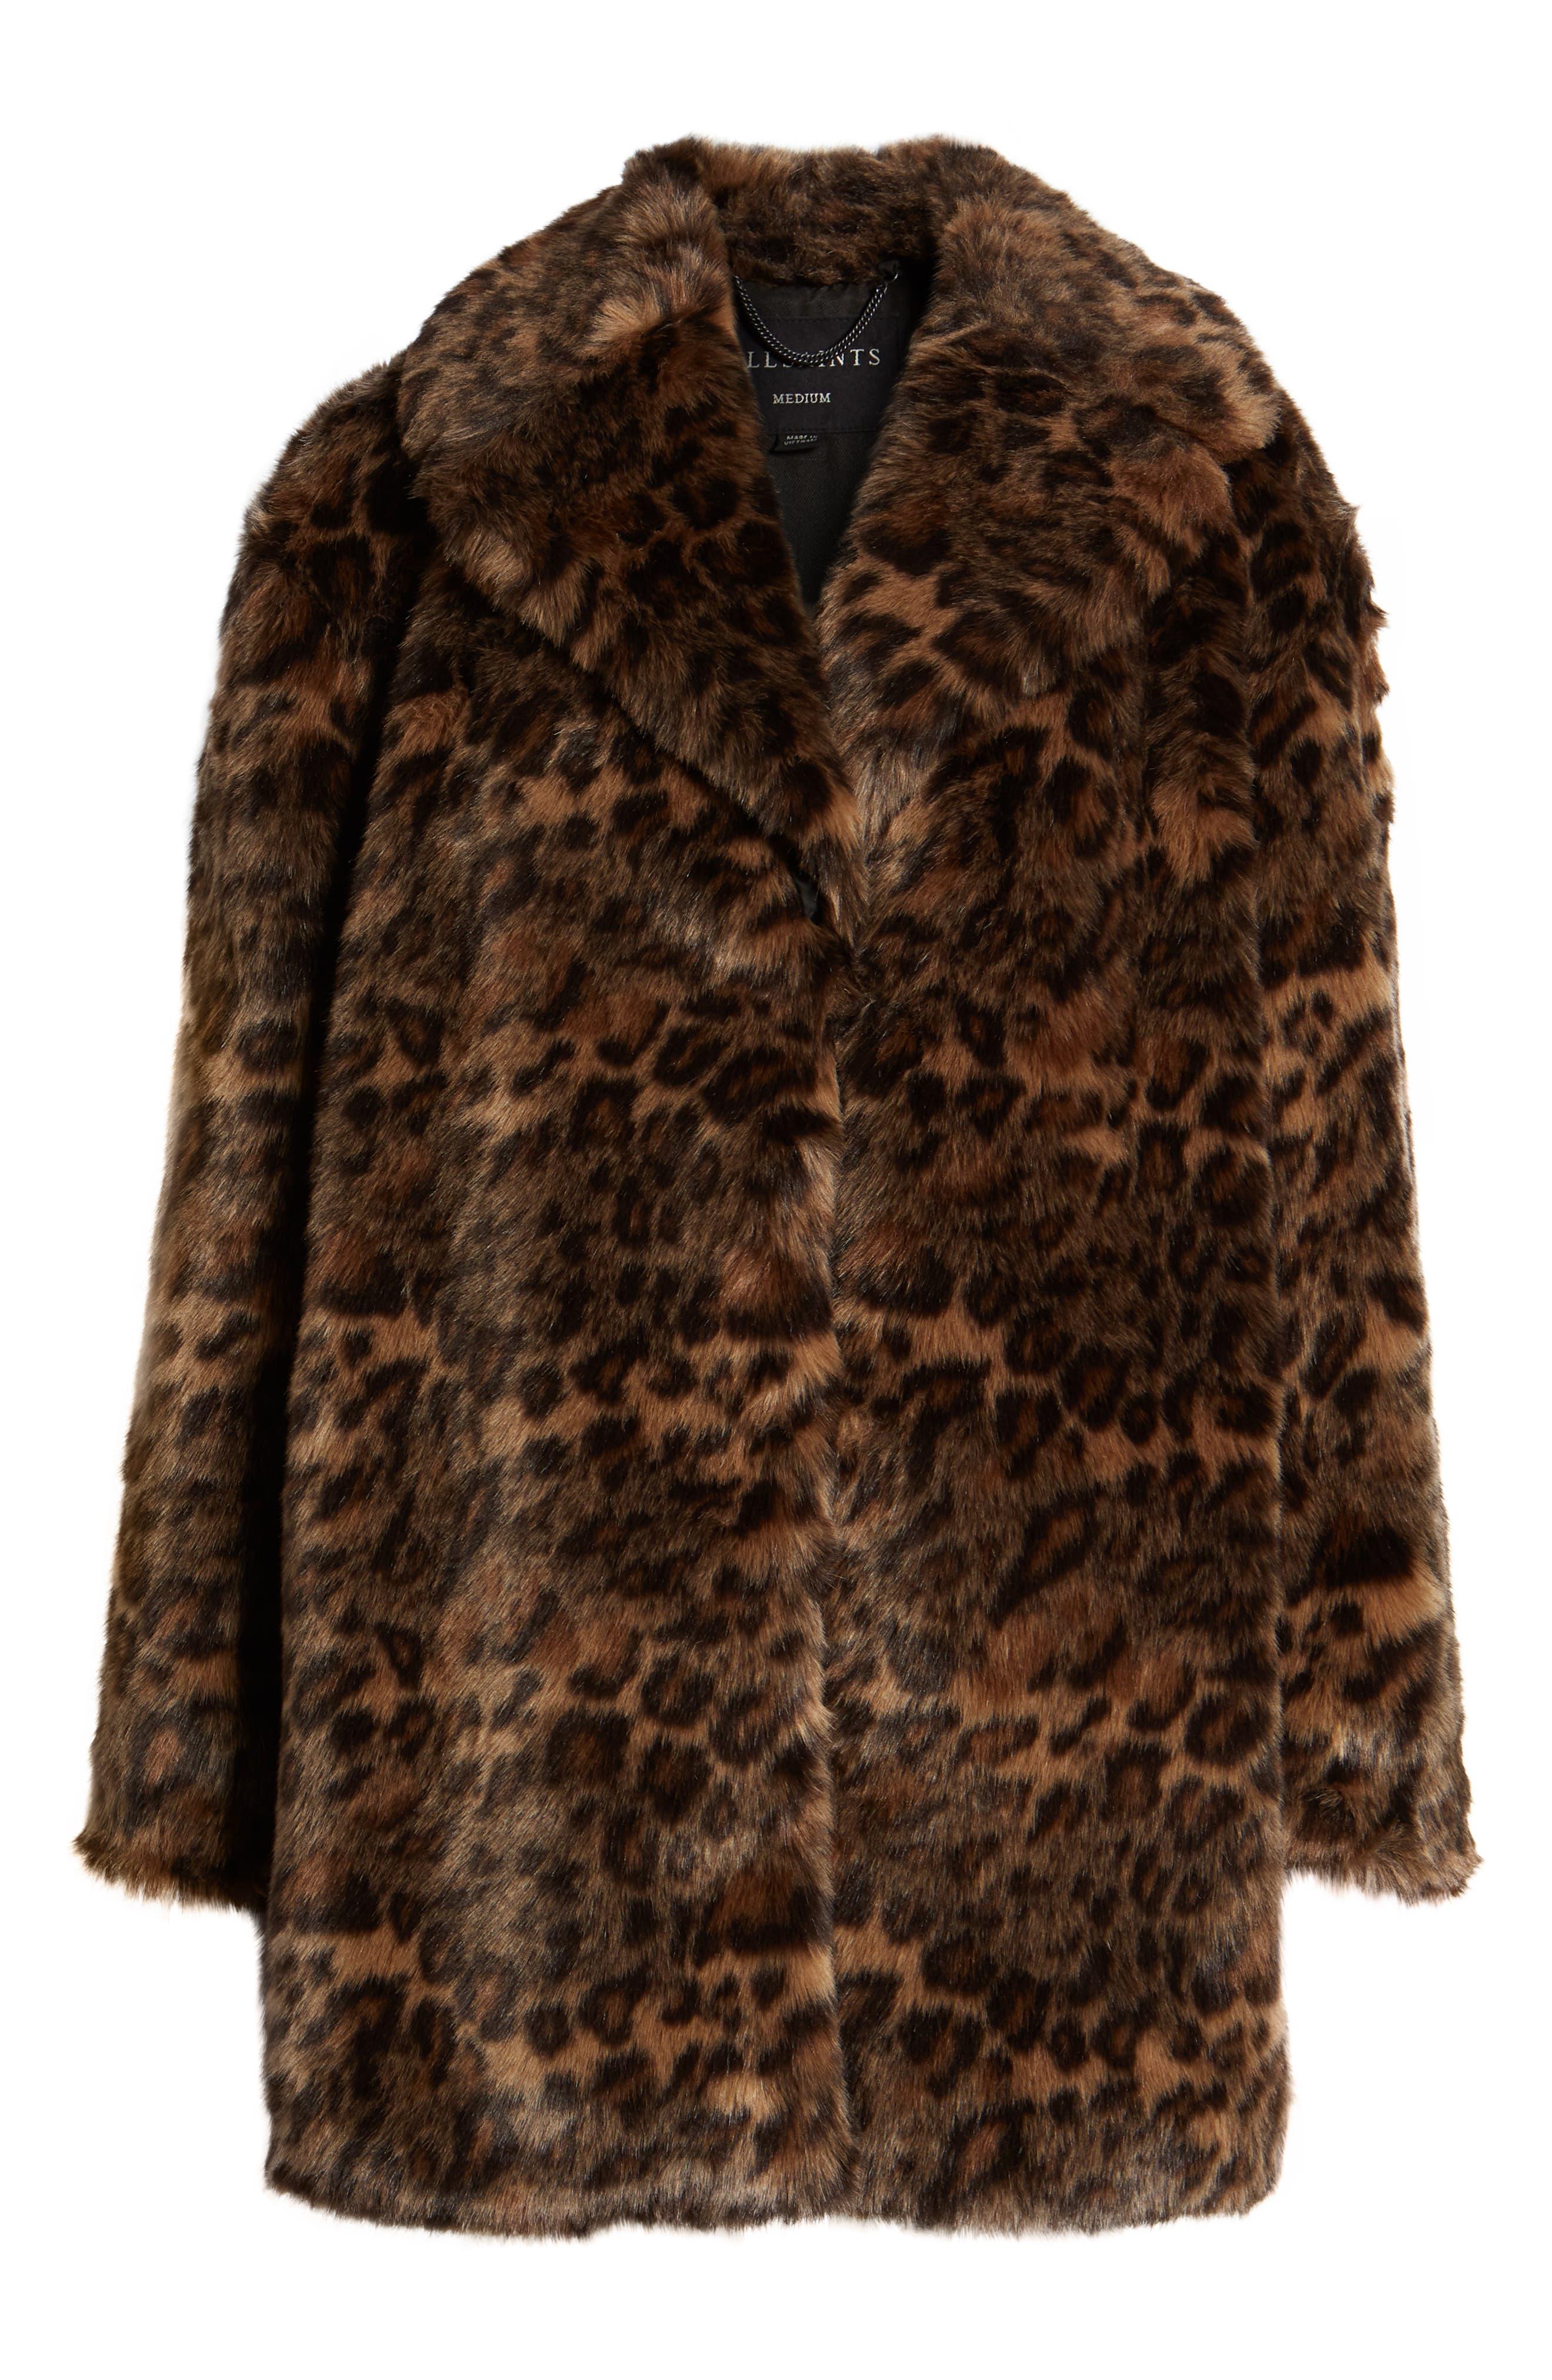 Amice Leopard Spot Faux Fur Jacket,                             Alternate thumbnail 6, color,                             BROWN